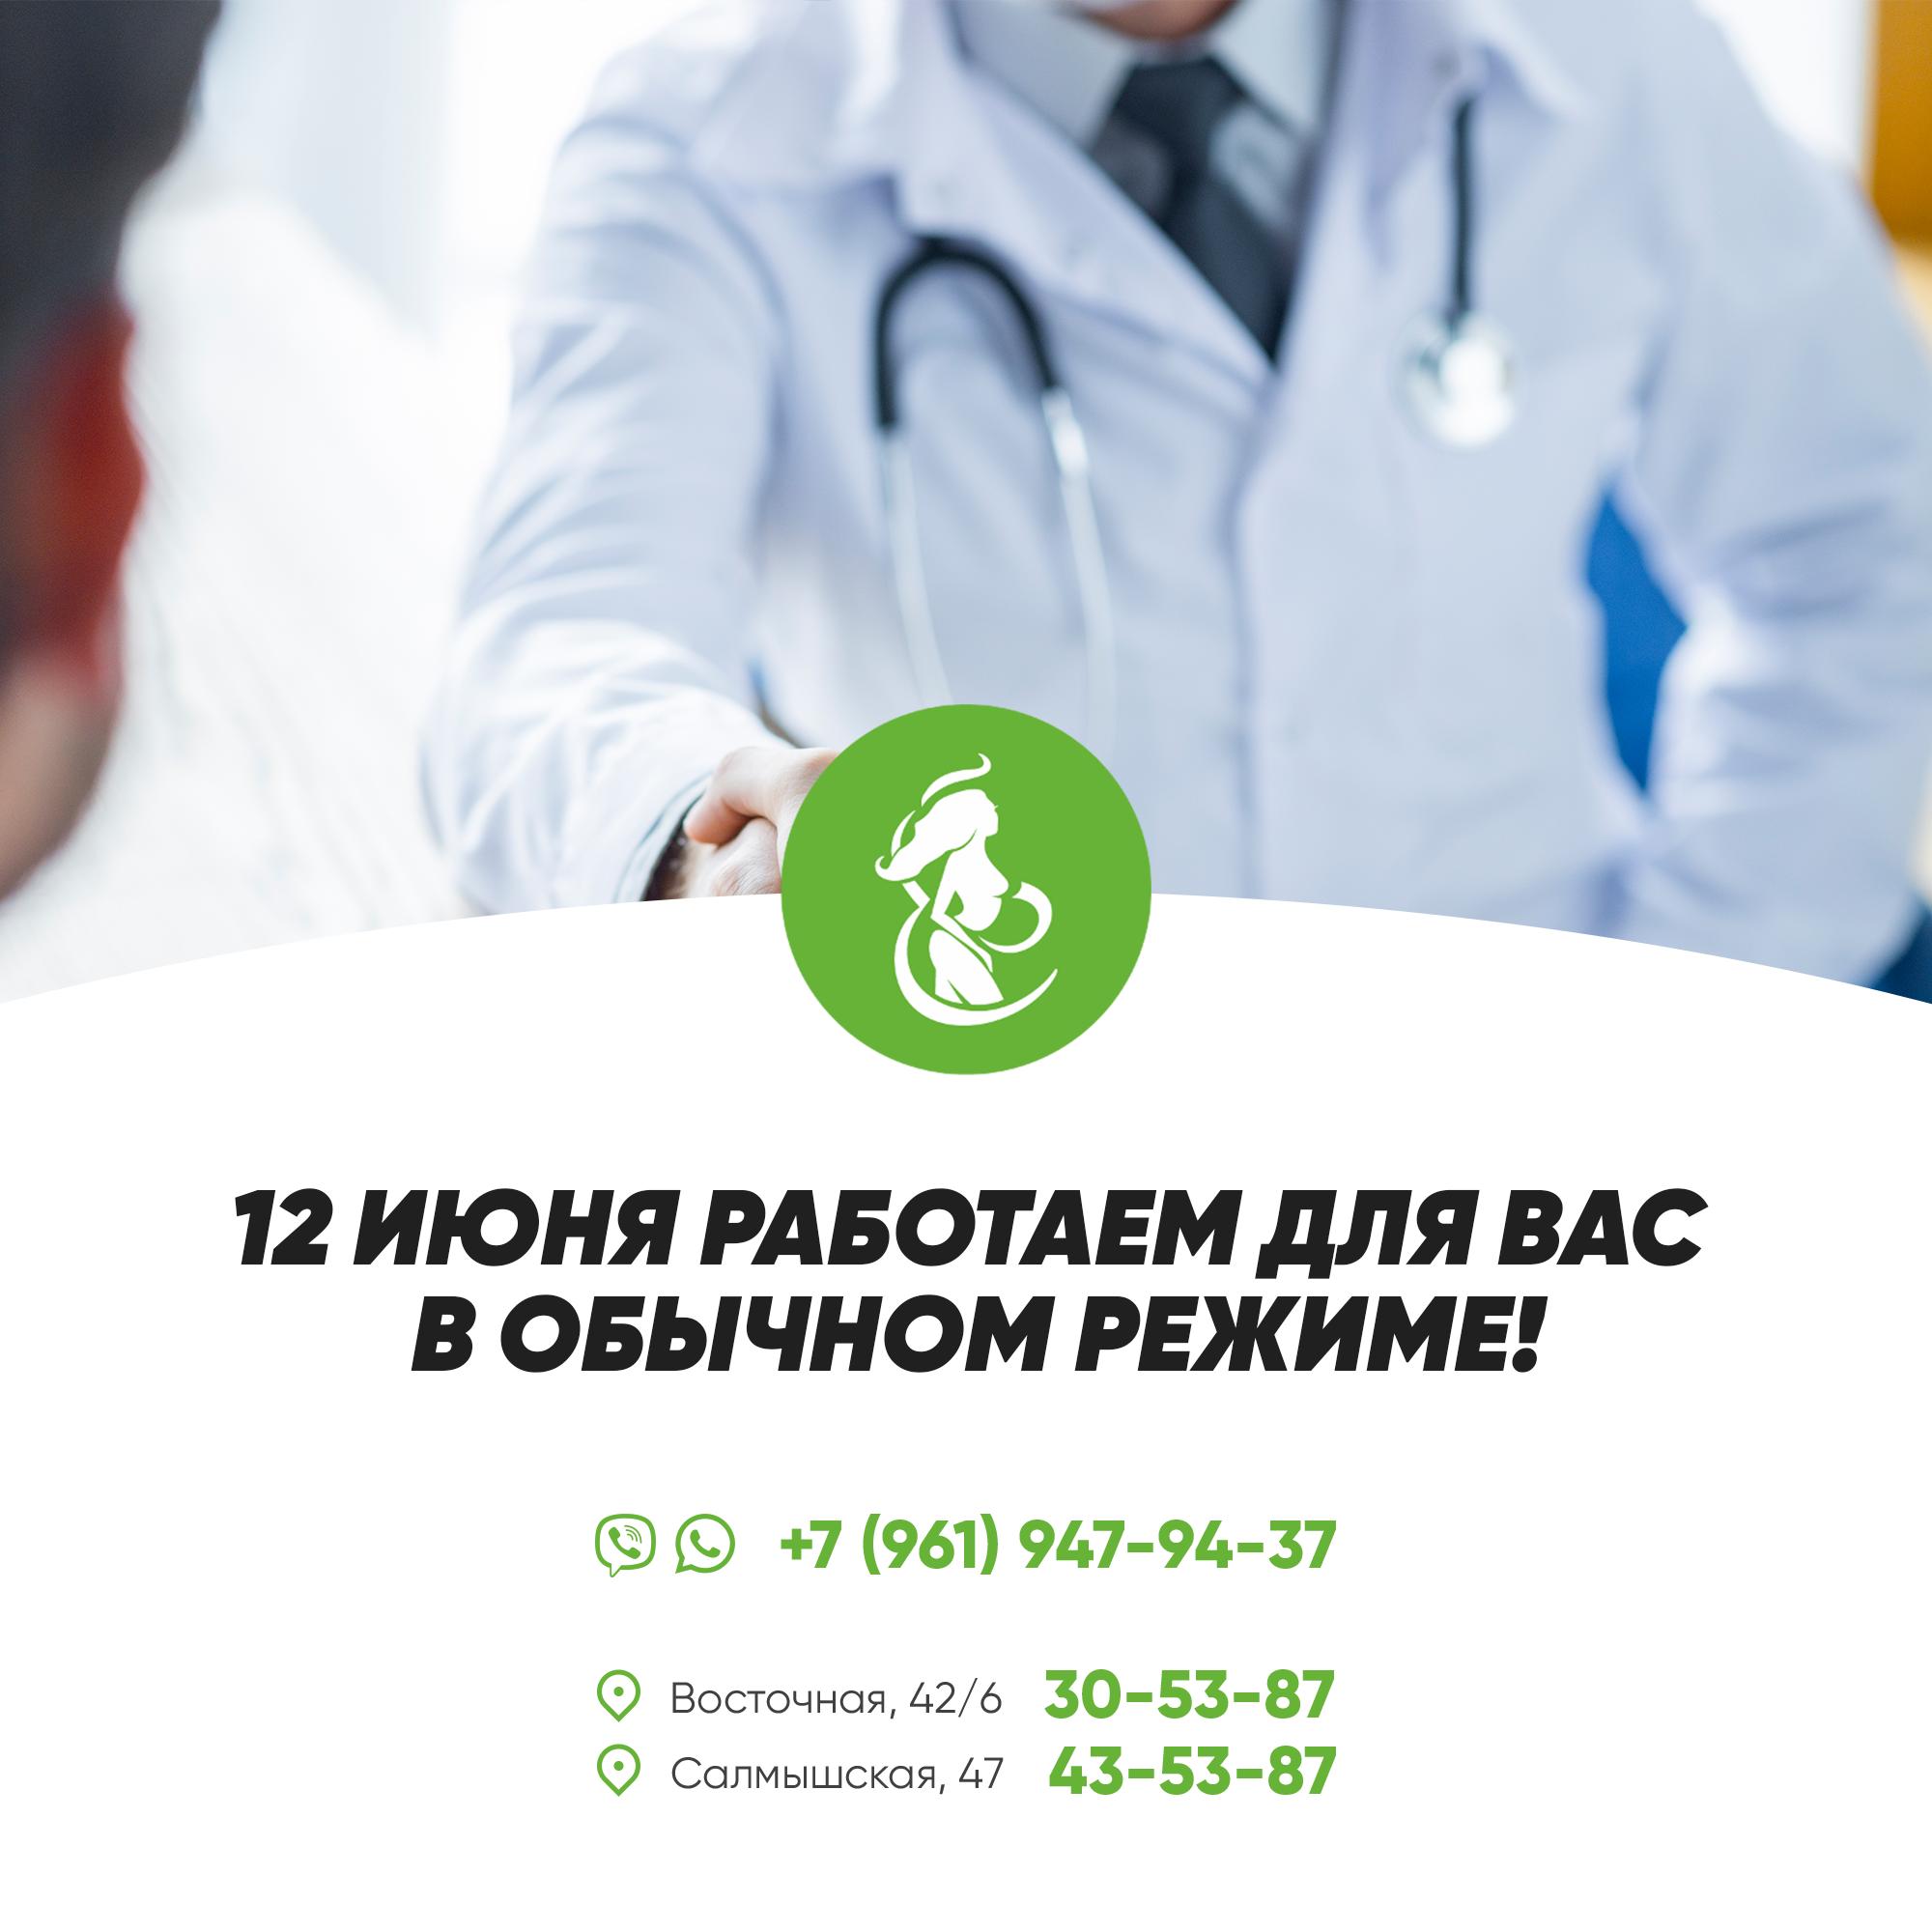 12 июня - Медицинский центр Мусаловой в Оренбурге работает в обычном режиме!